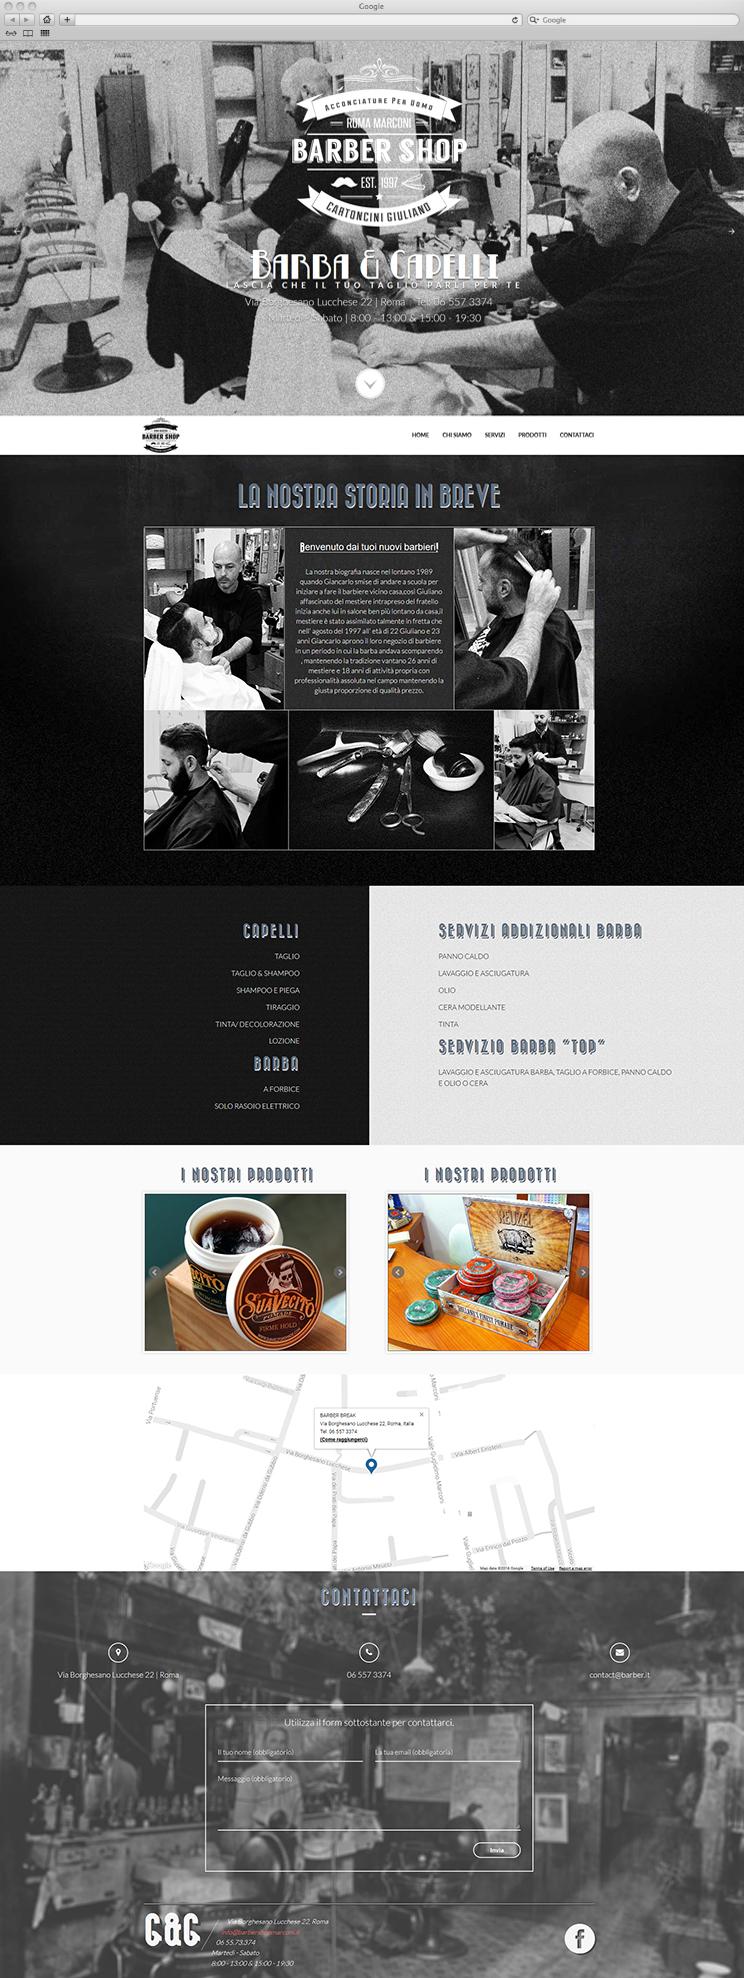 barber-orange-lion-design-studio-wroclaw-projektowanie-stron-internetowych-grafika-fotografia-4